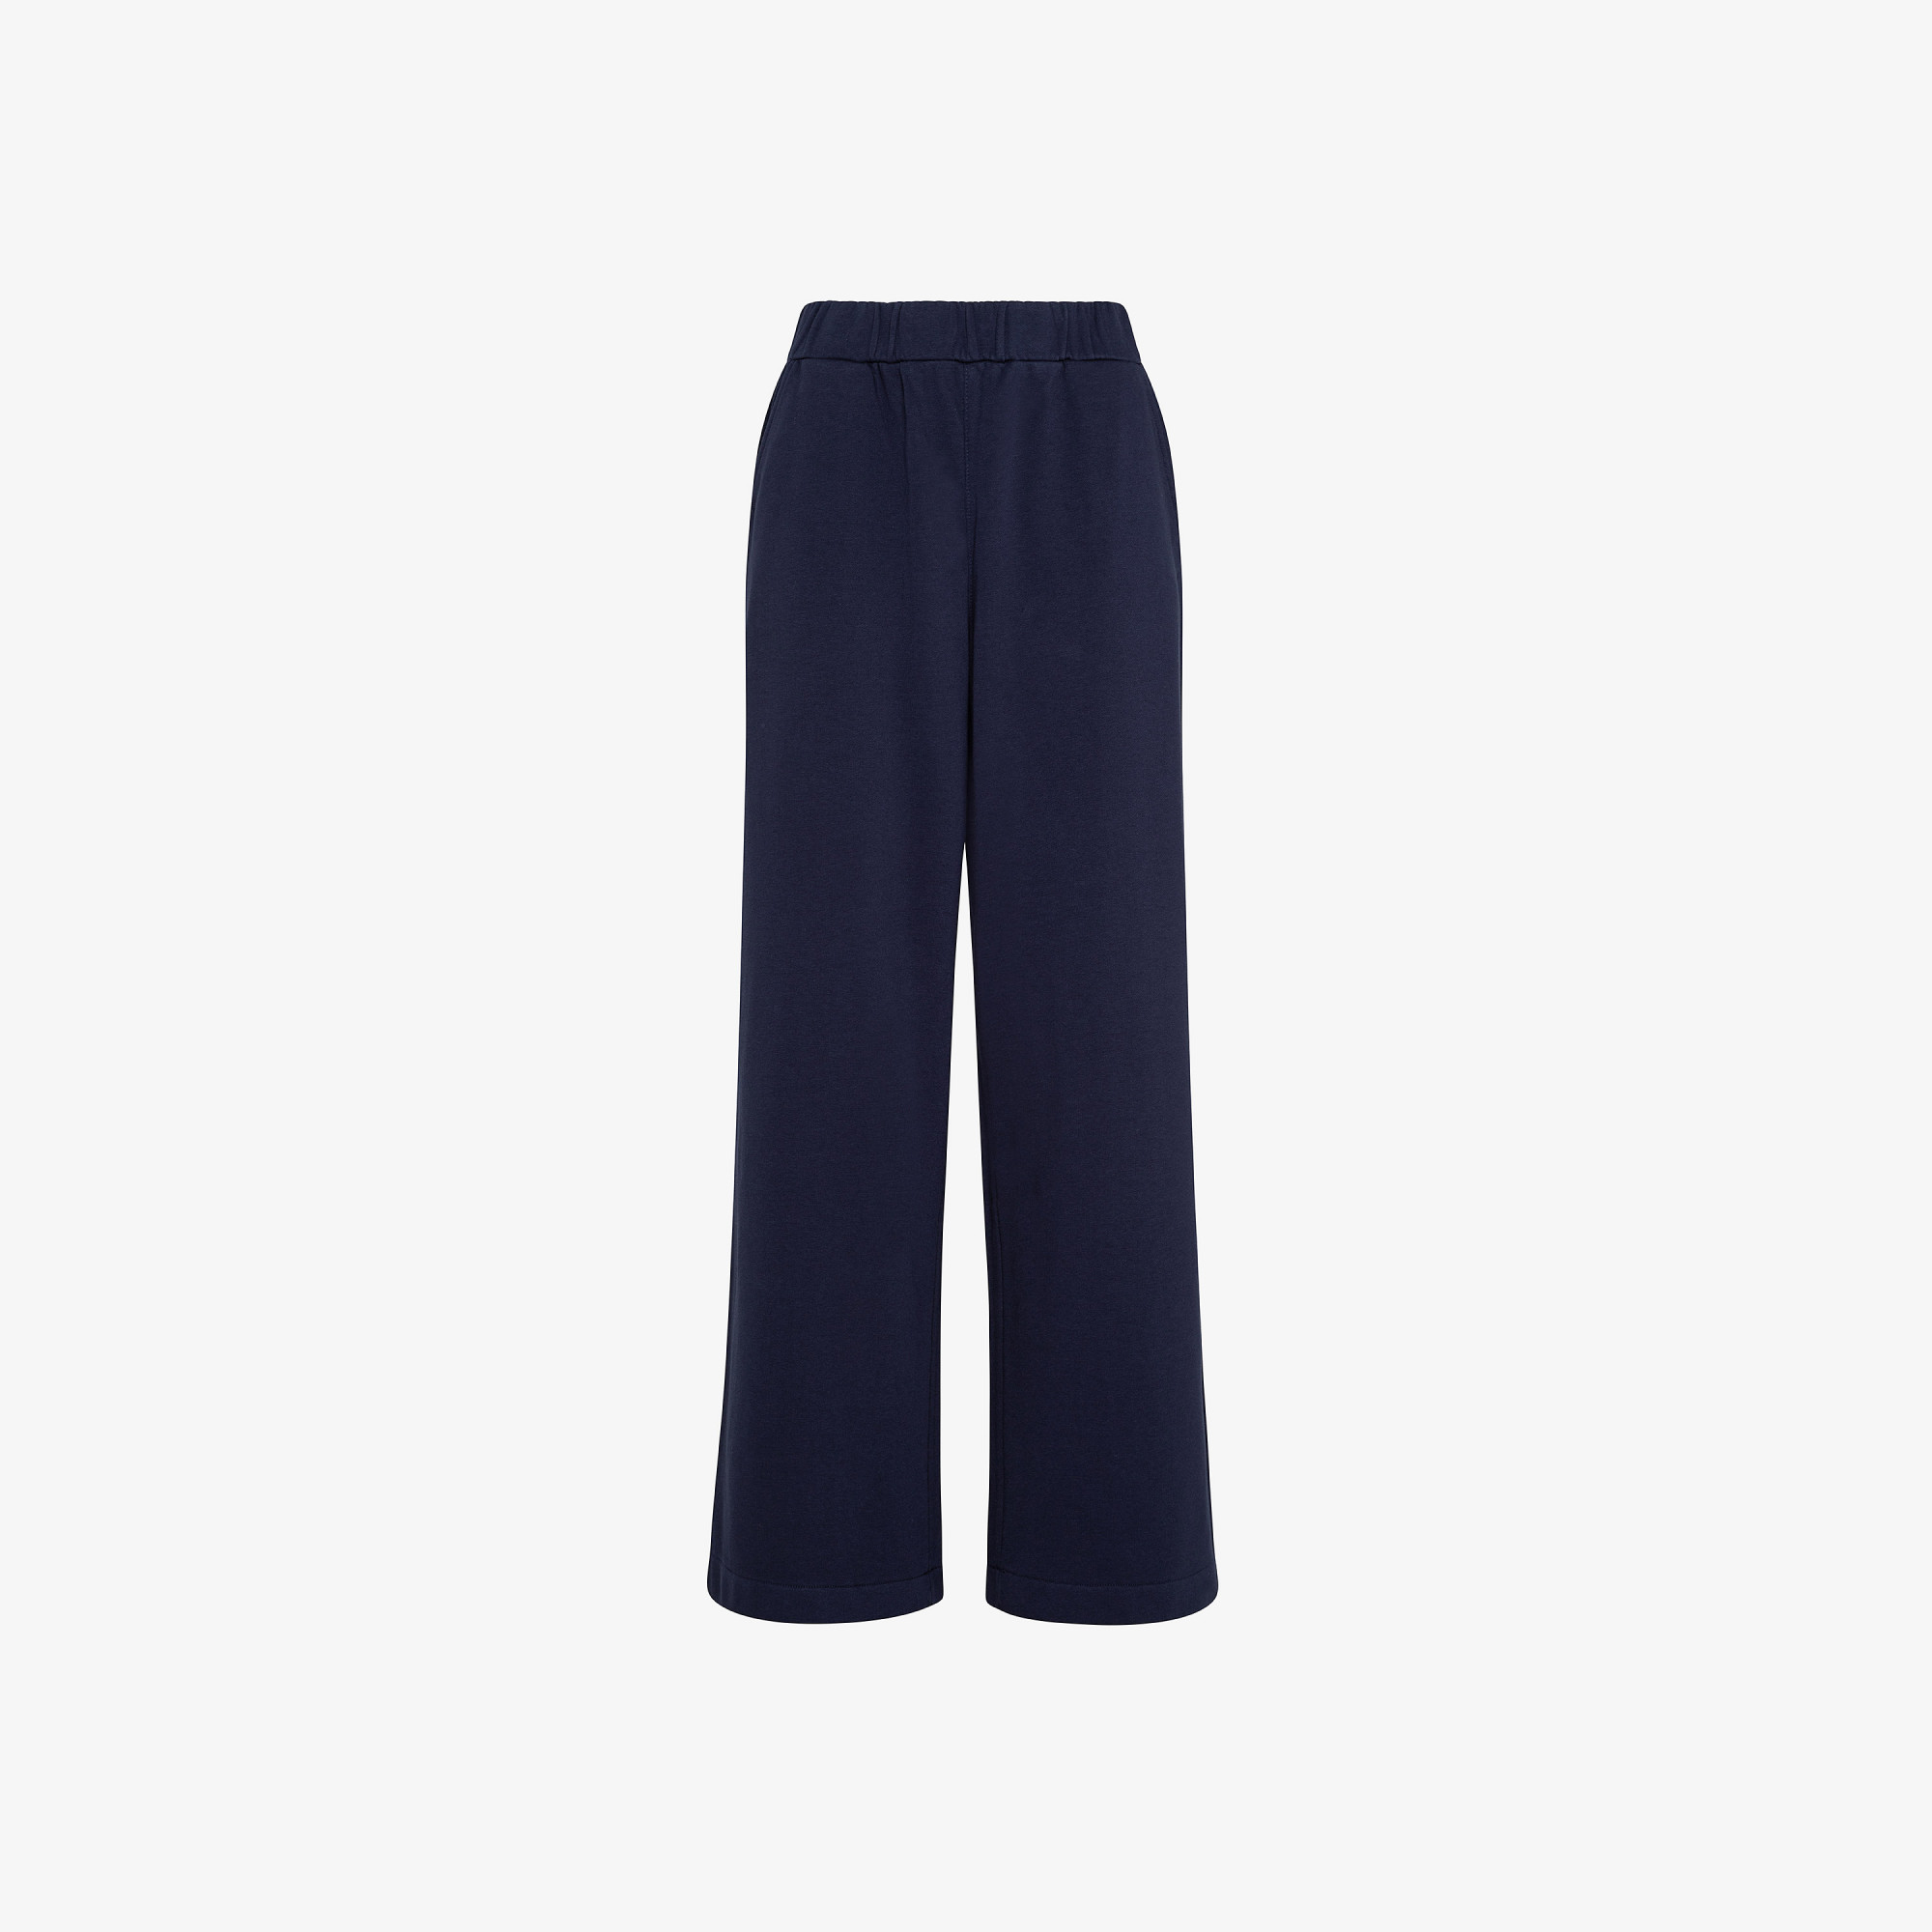 PANT WIDE LEG COTTON FL NAVY BLUE